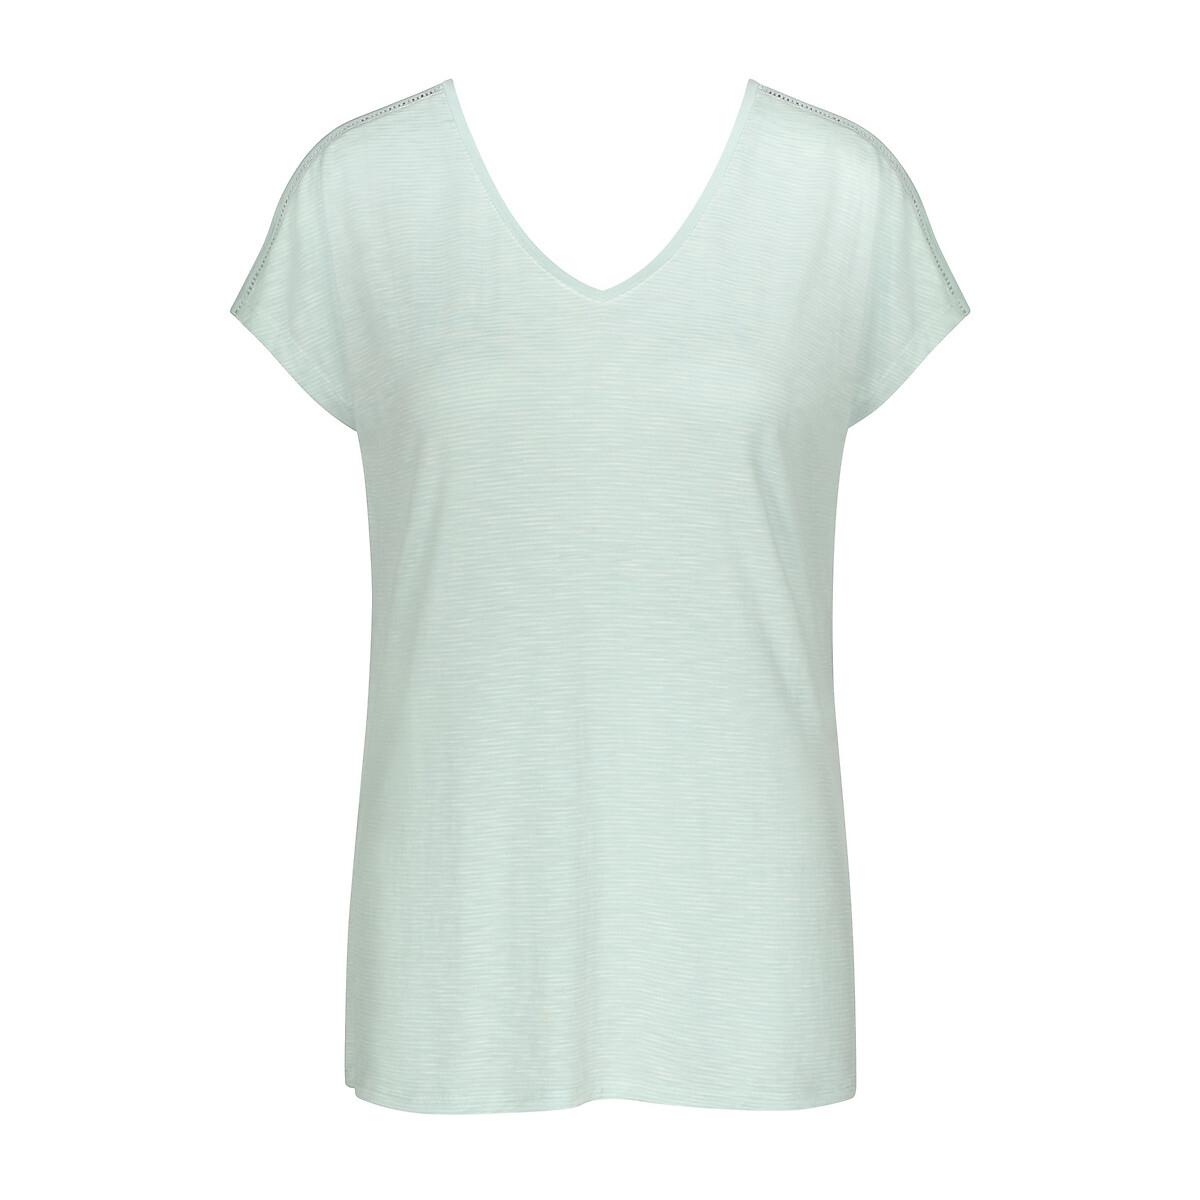 Фото - Рубашка LaRedoute Ночная с короткими рукавами 42 (FR) - 48 (RUS) зеленый рубашка la redoute ночная на тонких бретелях с кружевными вставками 48 fr 54 rus черный